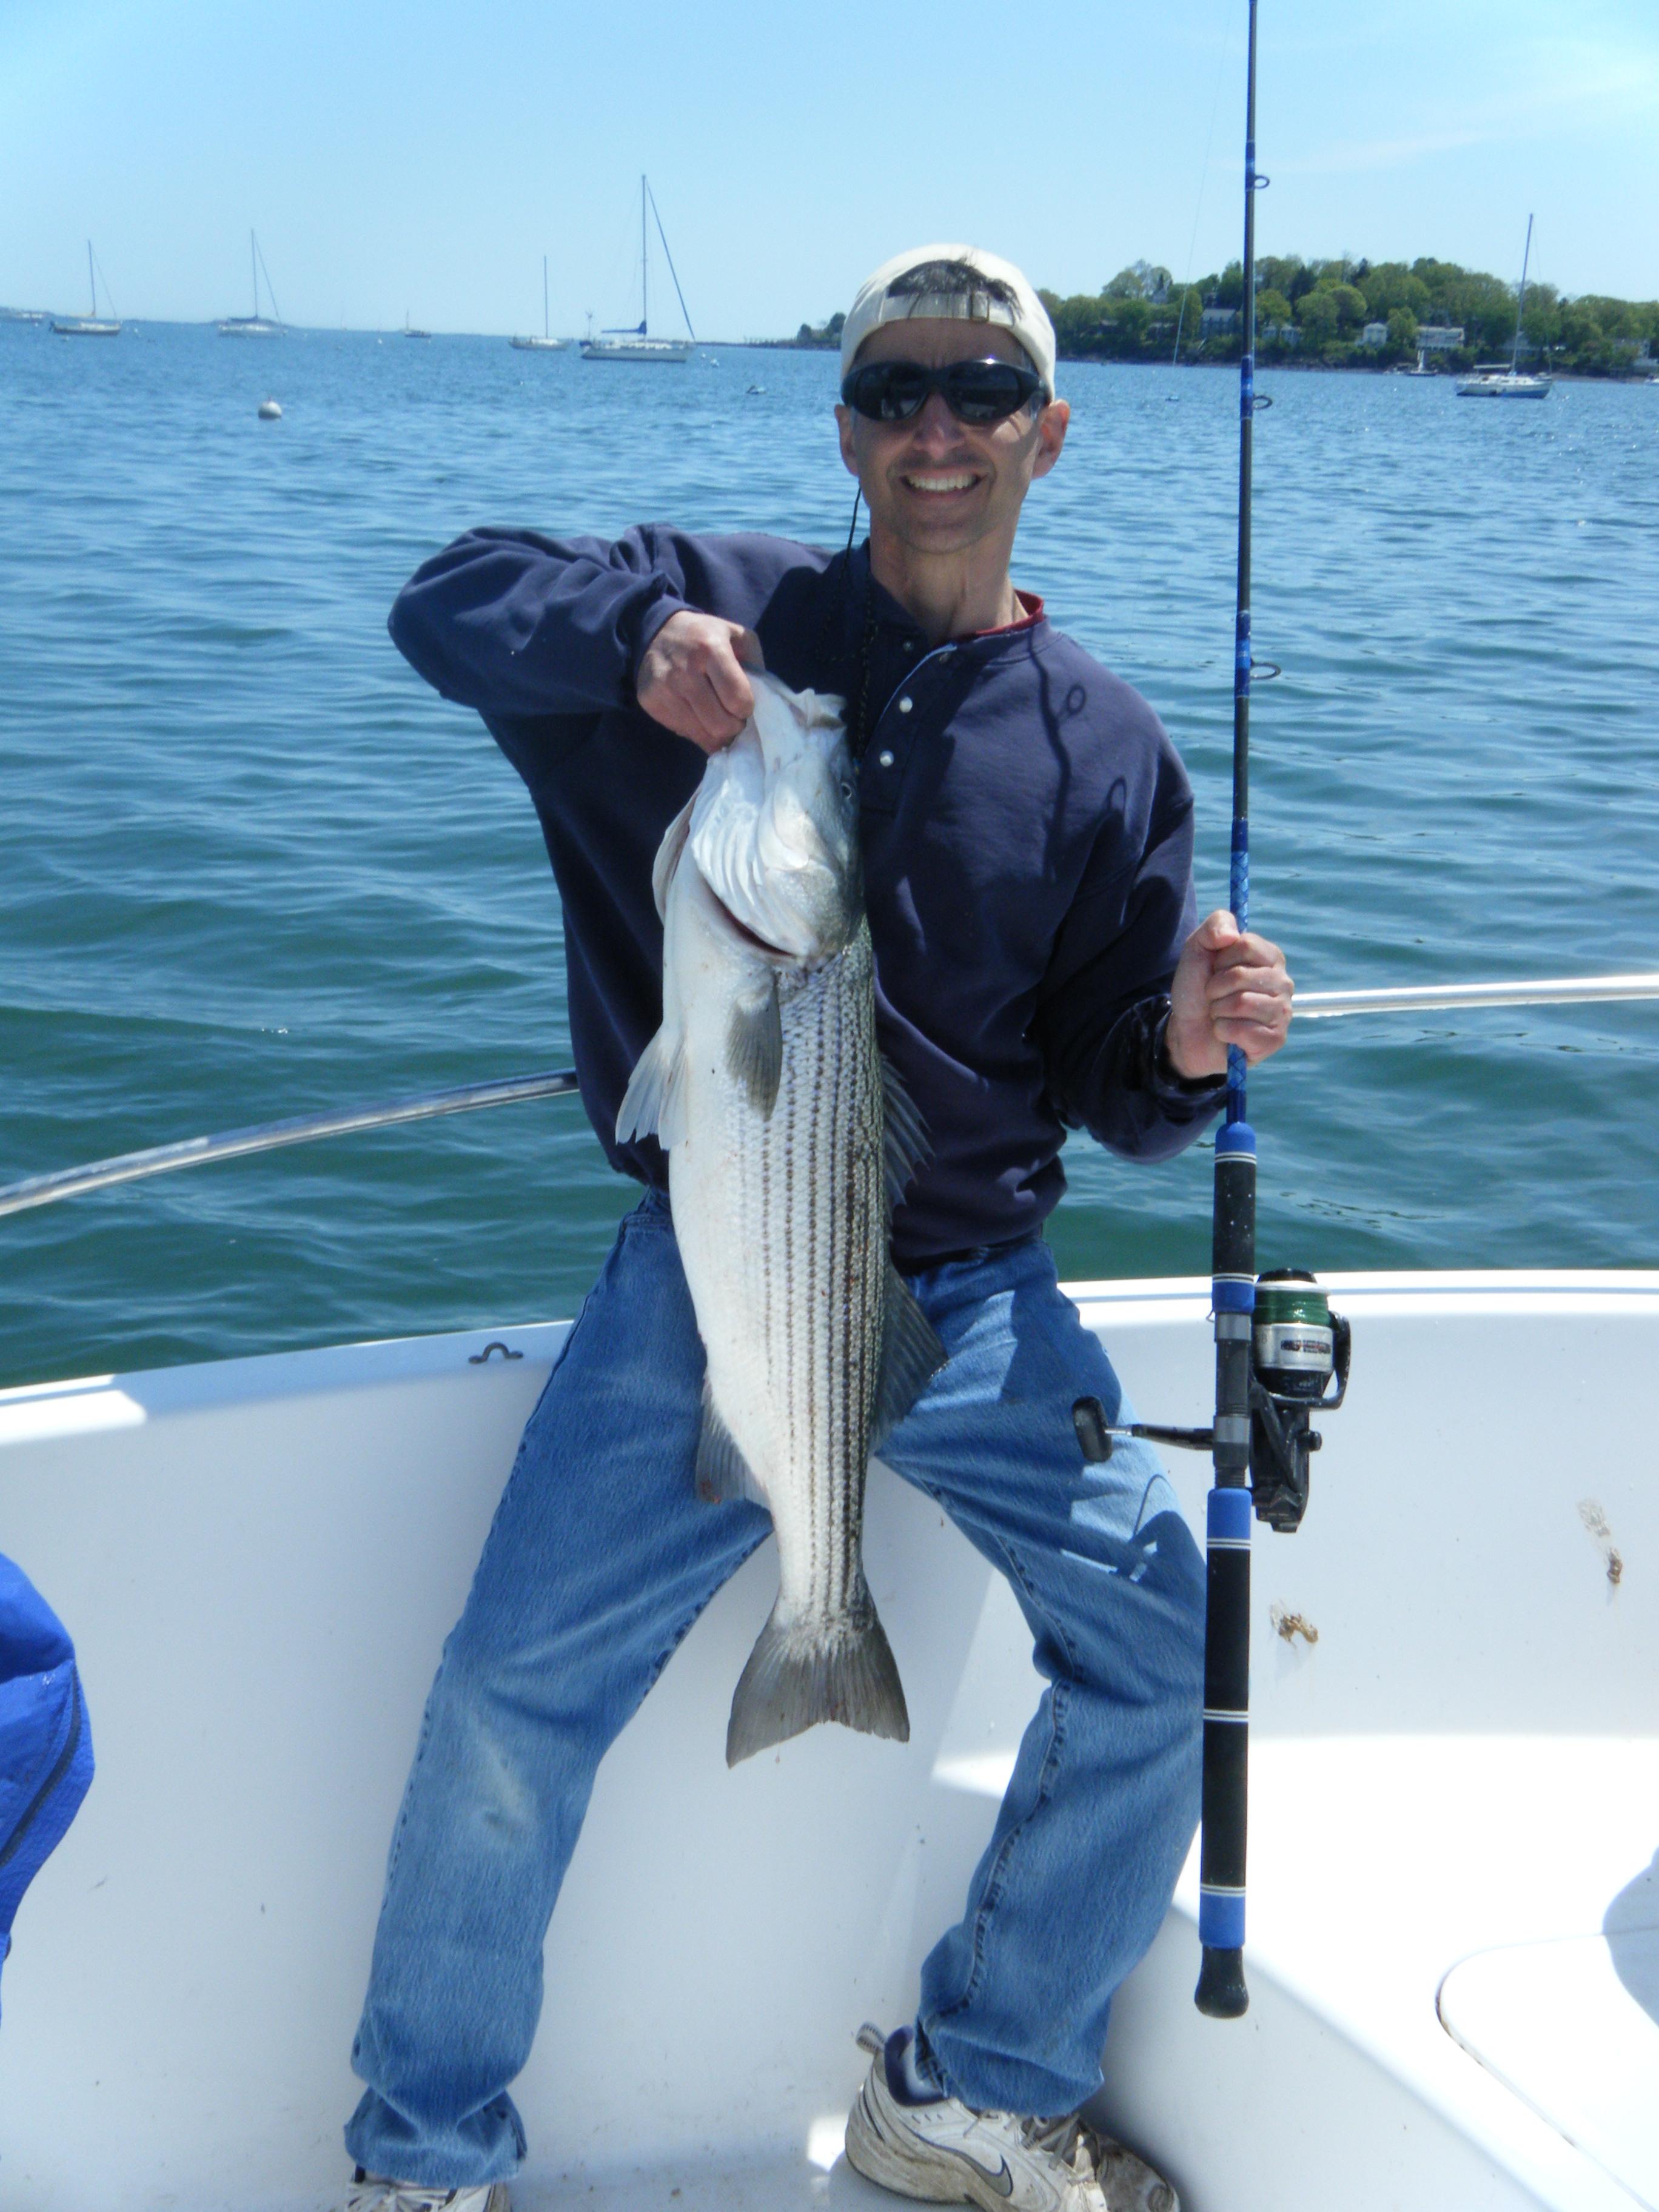 Massachusetts new hampshire and maine fishing report 5 for Mass fishing report